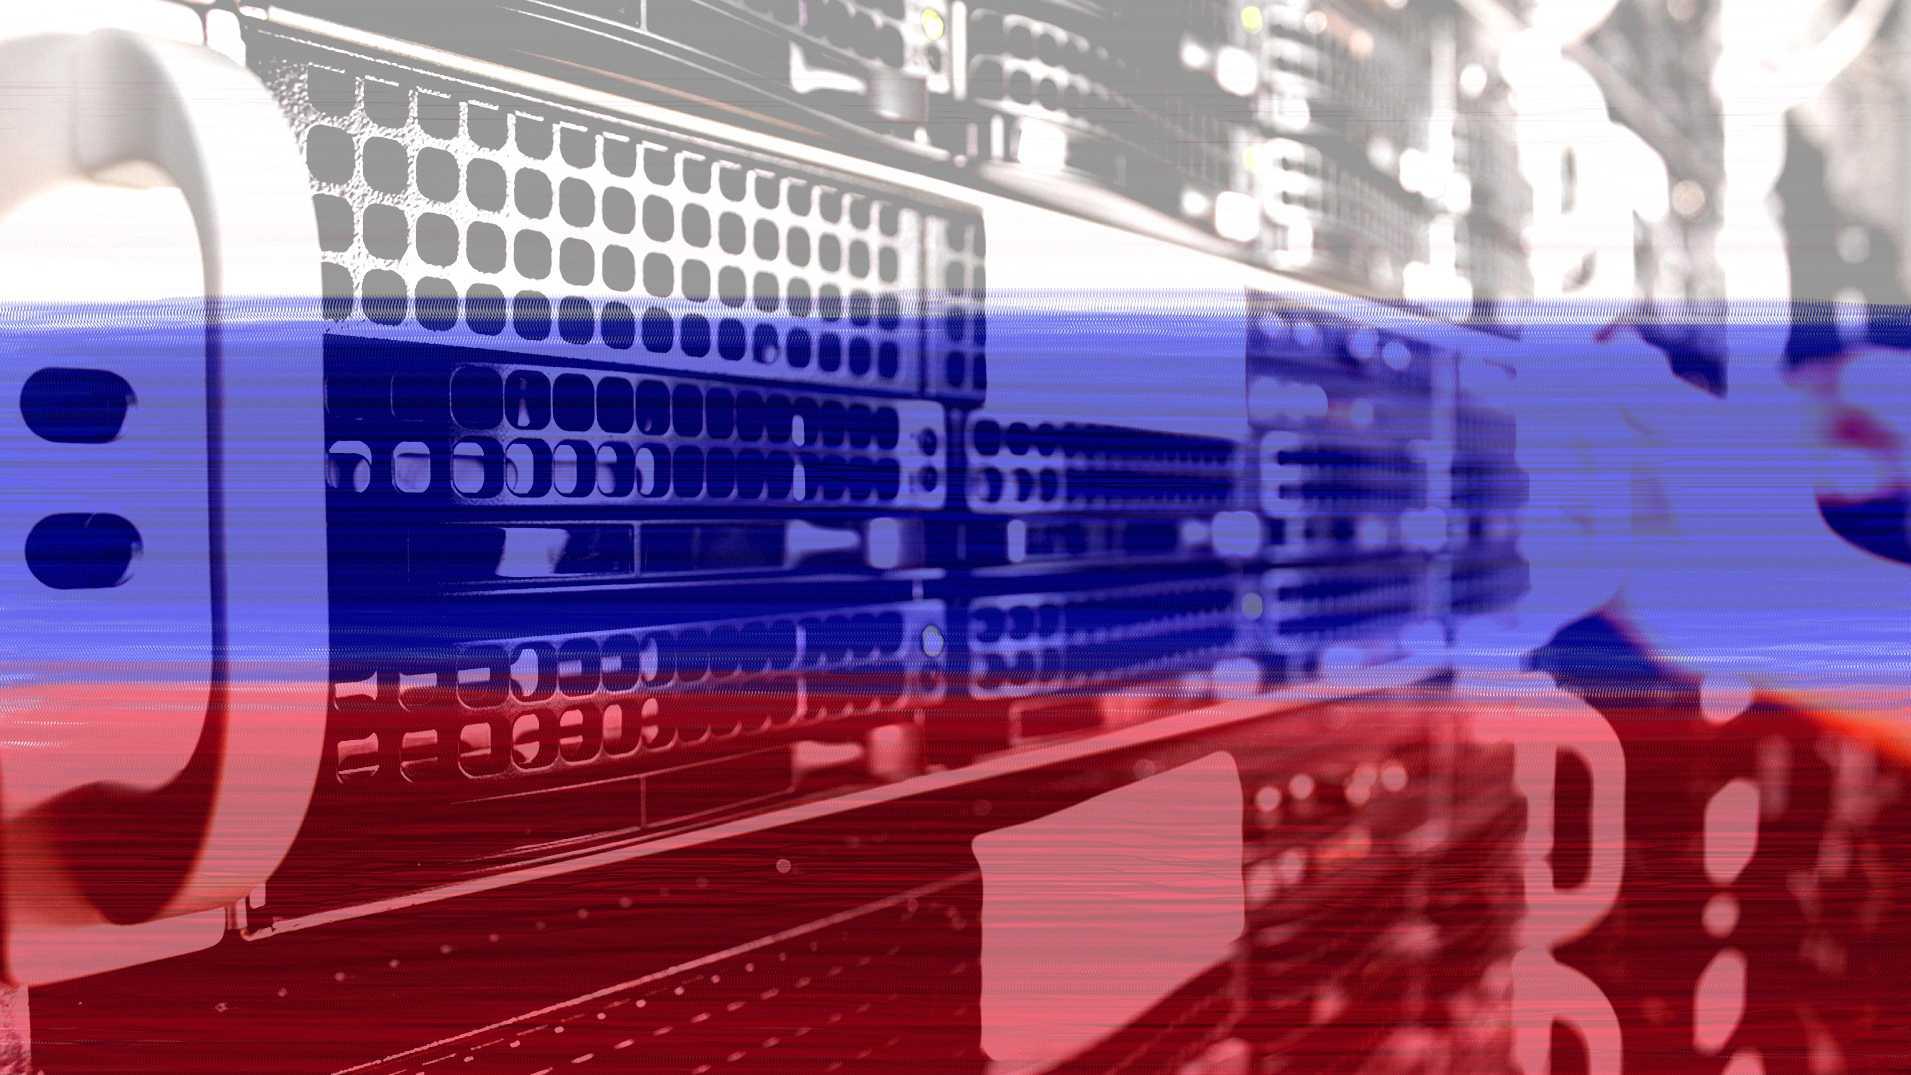 Anklage des US-Sonderermittlers: Russische Agenten hackten US-Demokraten